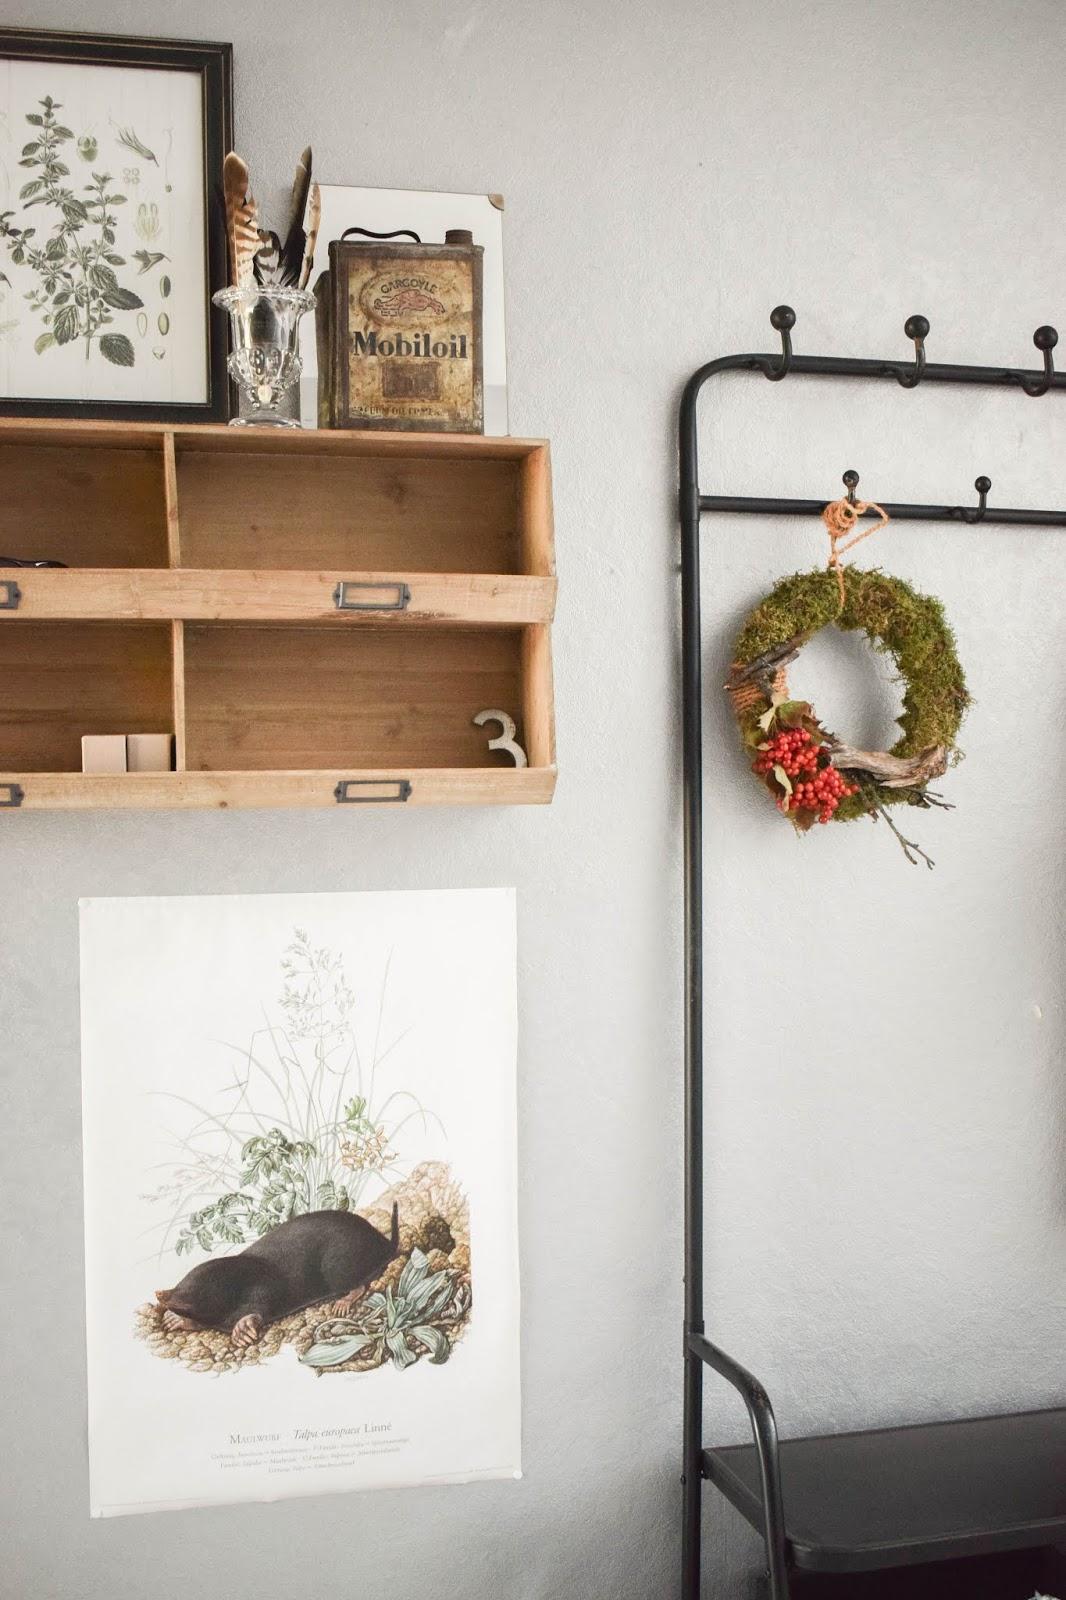 DIY Mooskranz einfach selber machen mit Moos Beeren Holz und Sisal. Naturdeko Anleitung zum Kranz binden. Dekorieren mit Natur. Garderobe Diele herbstdeko